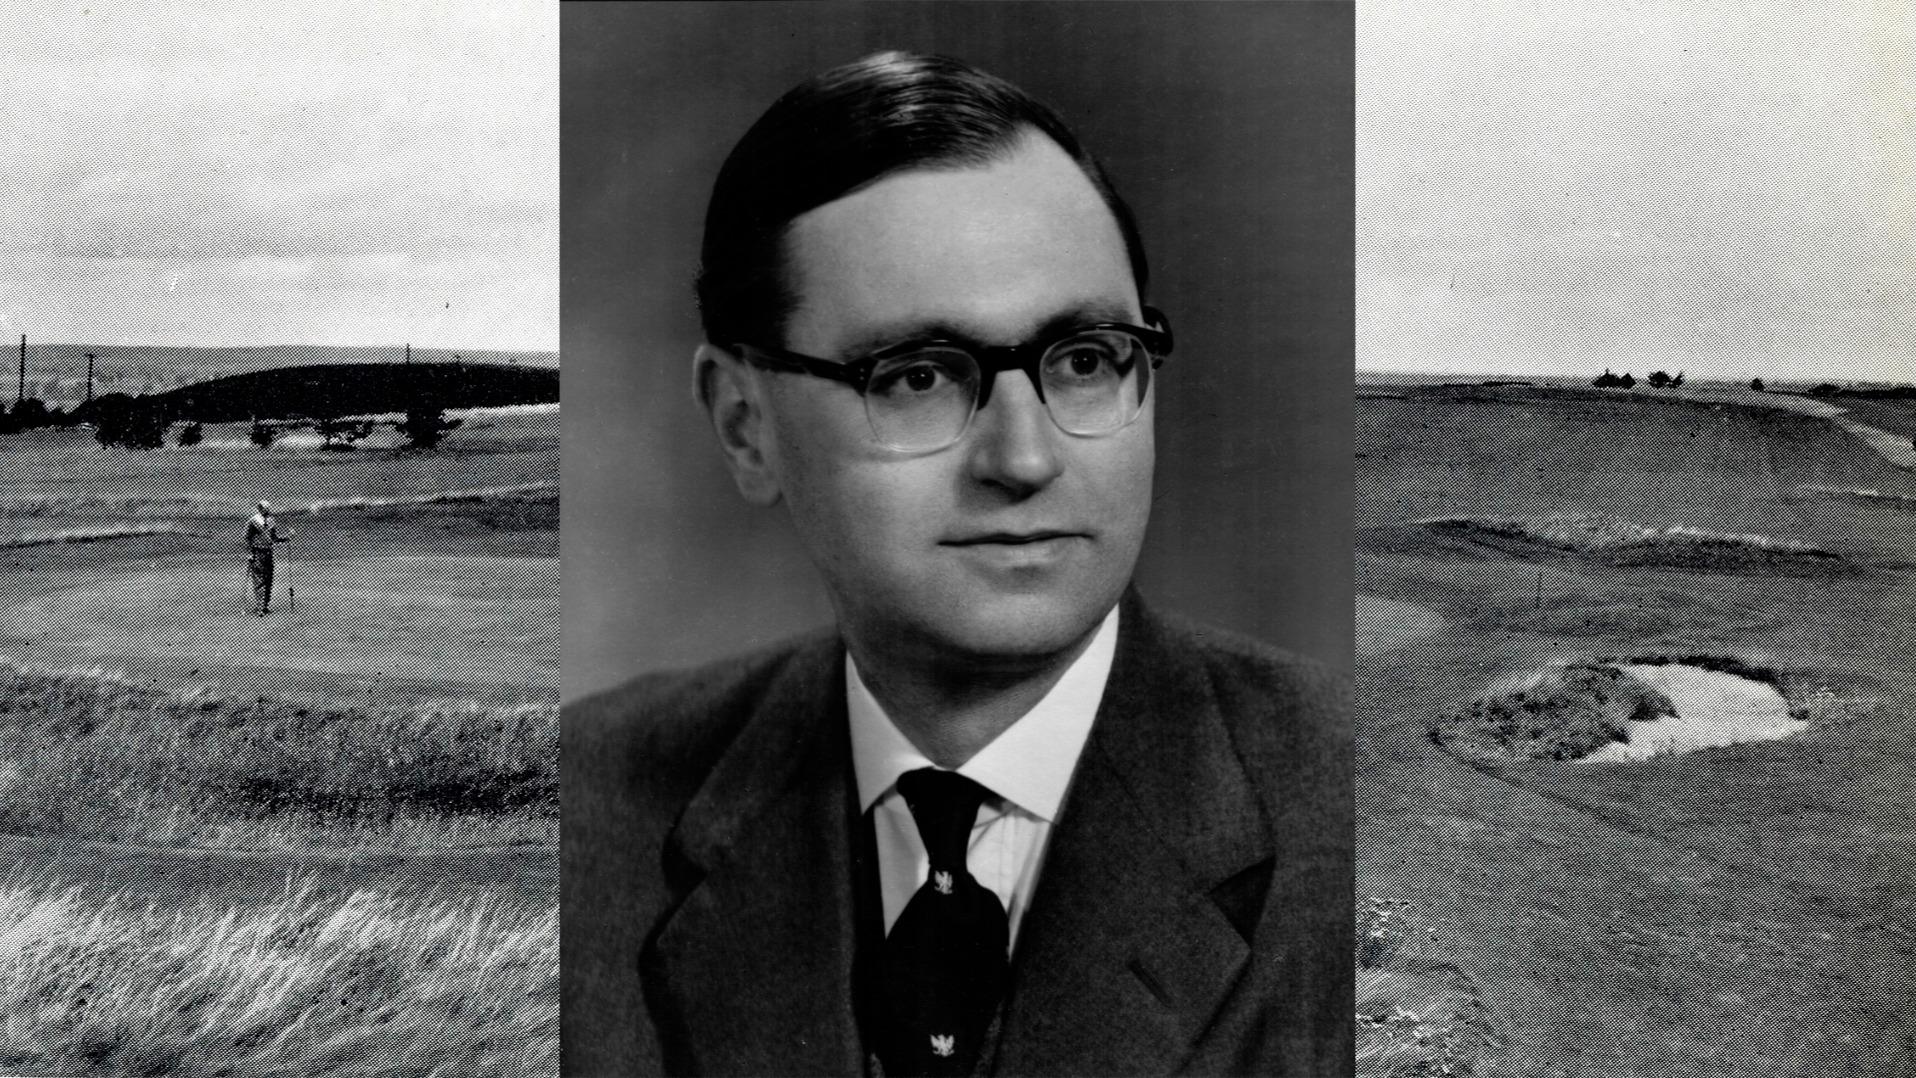 1955 - W R S Osborne